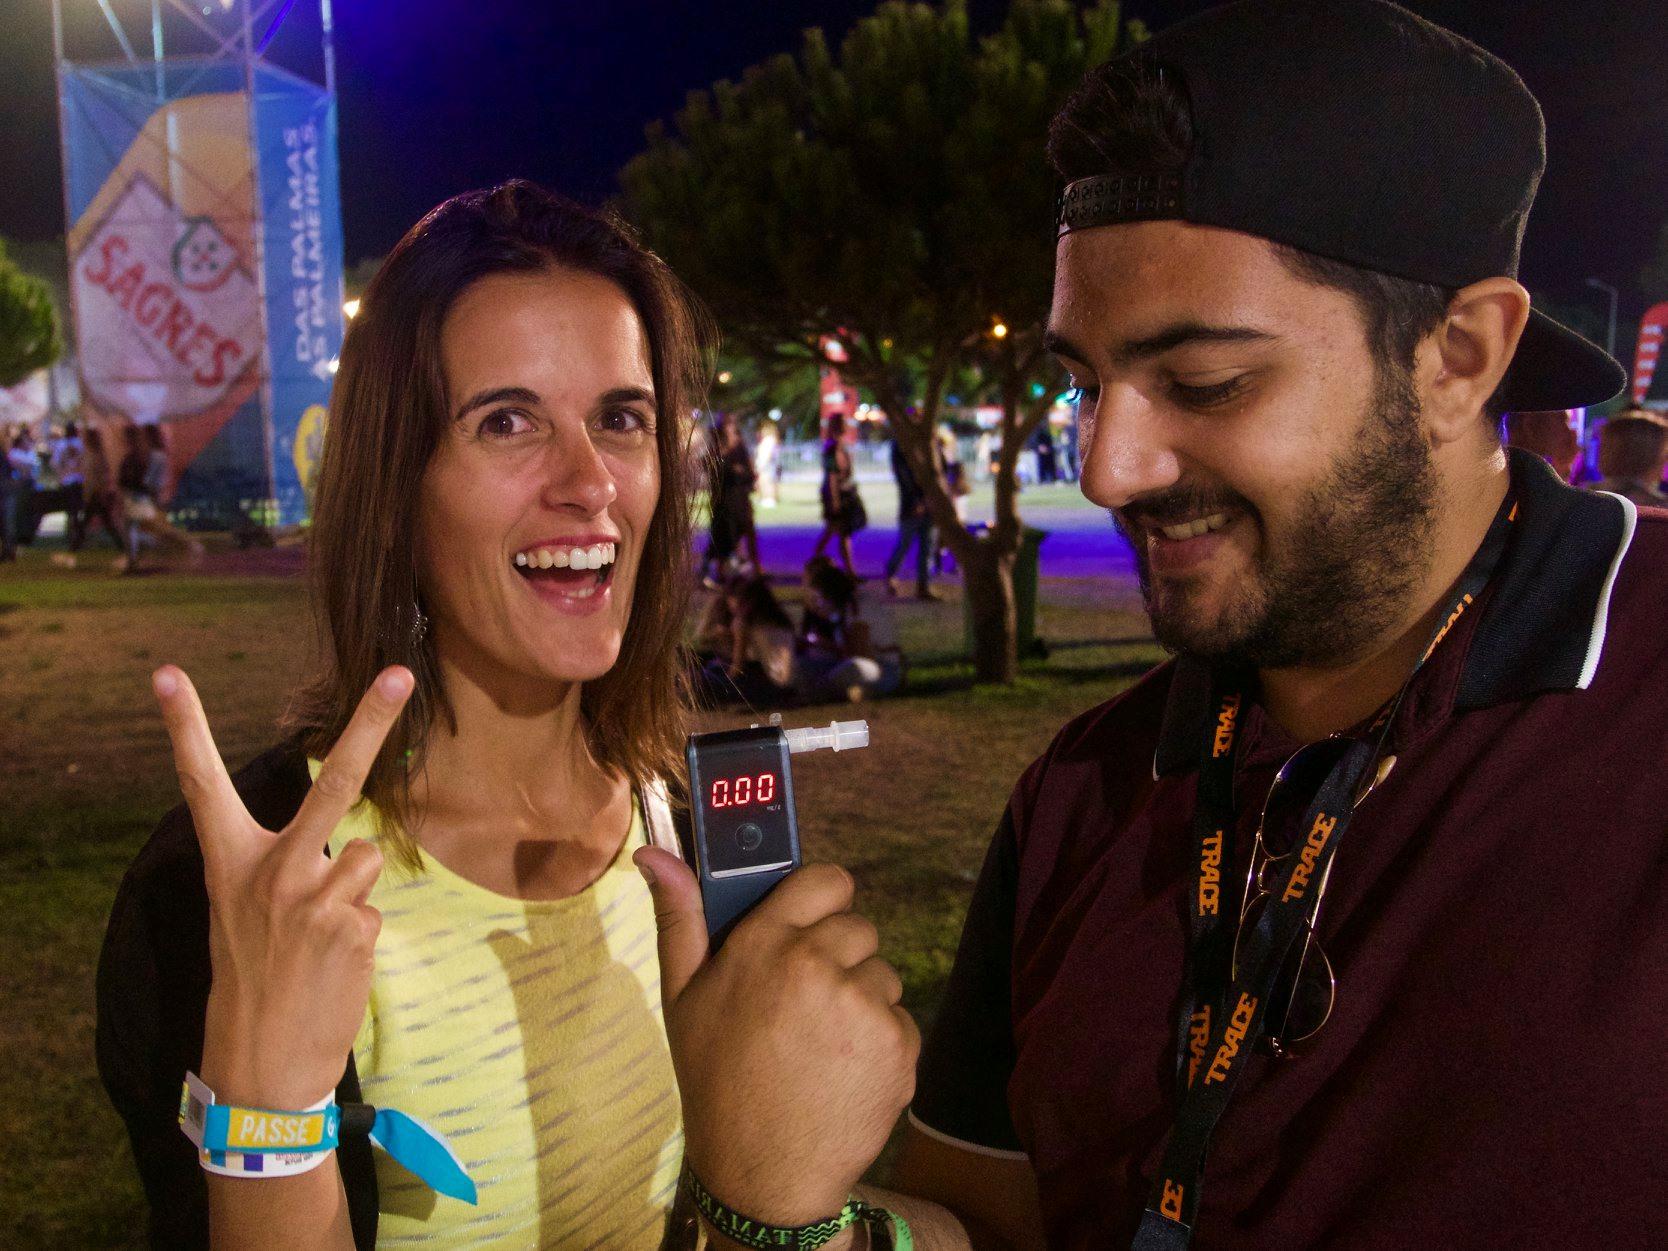 Festival Sol da Caparica